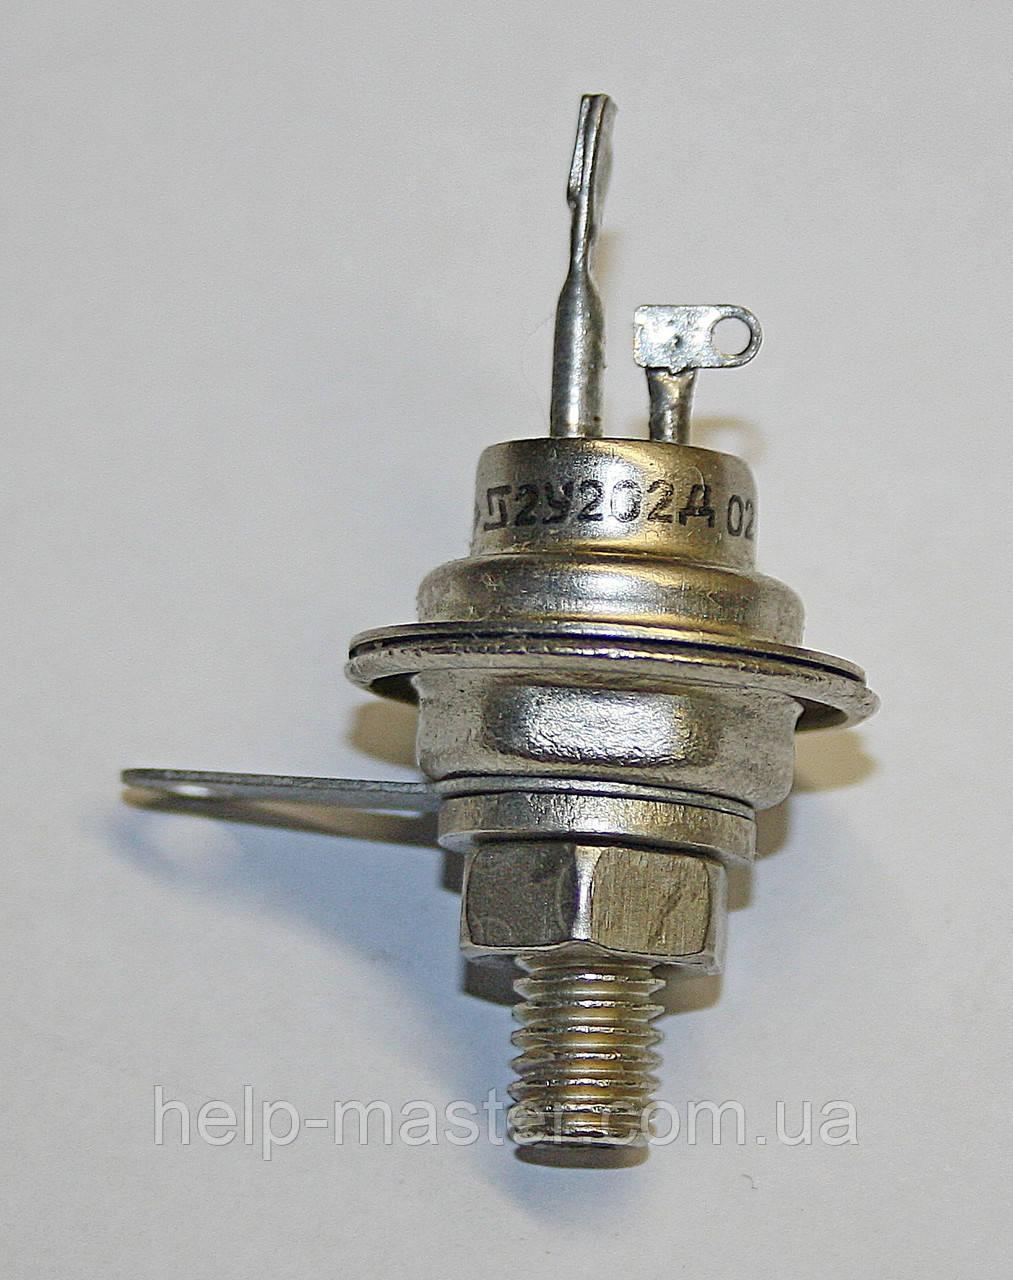 Тиристор 2У202Д